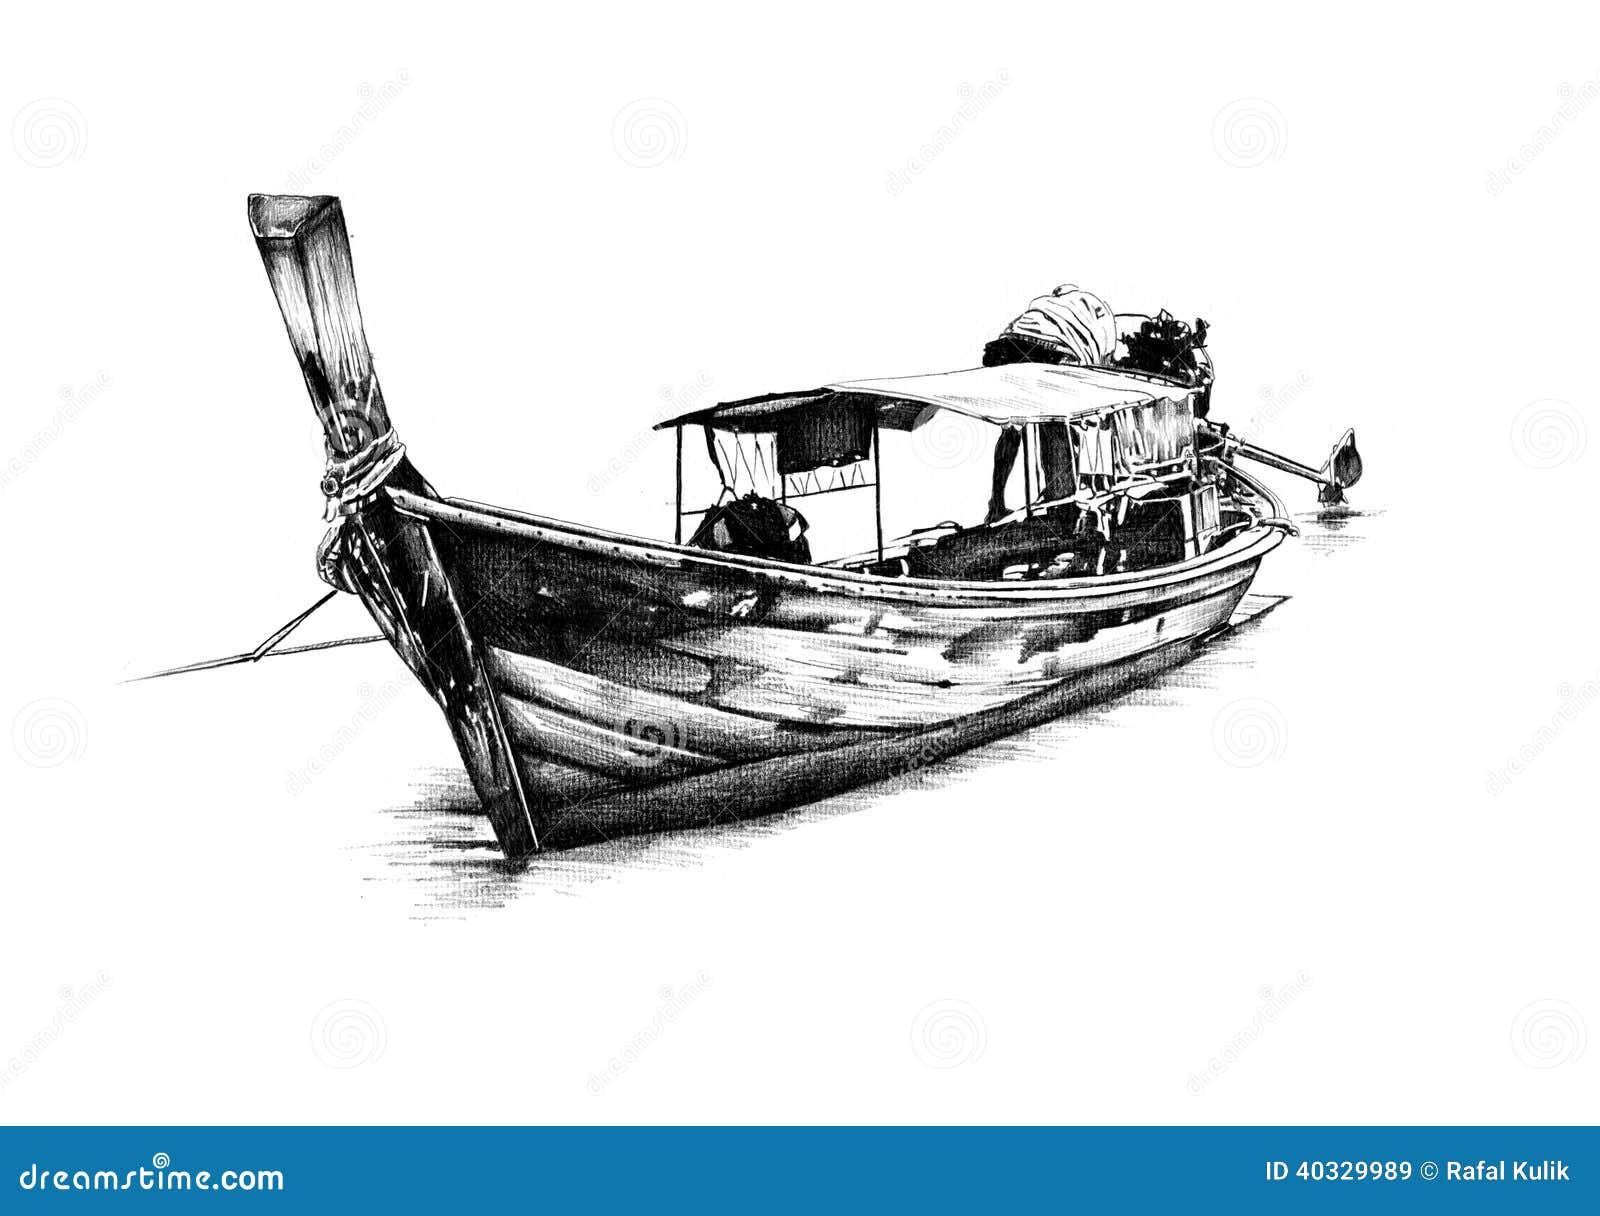 Antique Boat Sea Motive Drawing Handmade Stock Illustration - Illustration of ocean, seal: 40329989